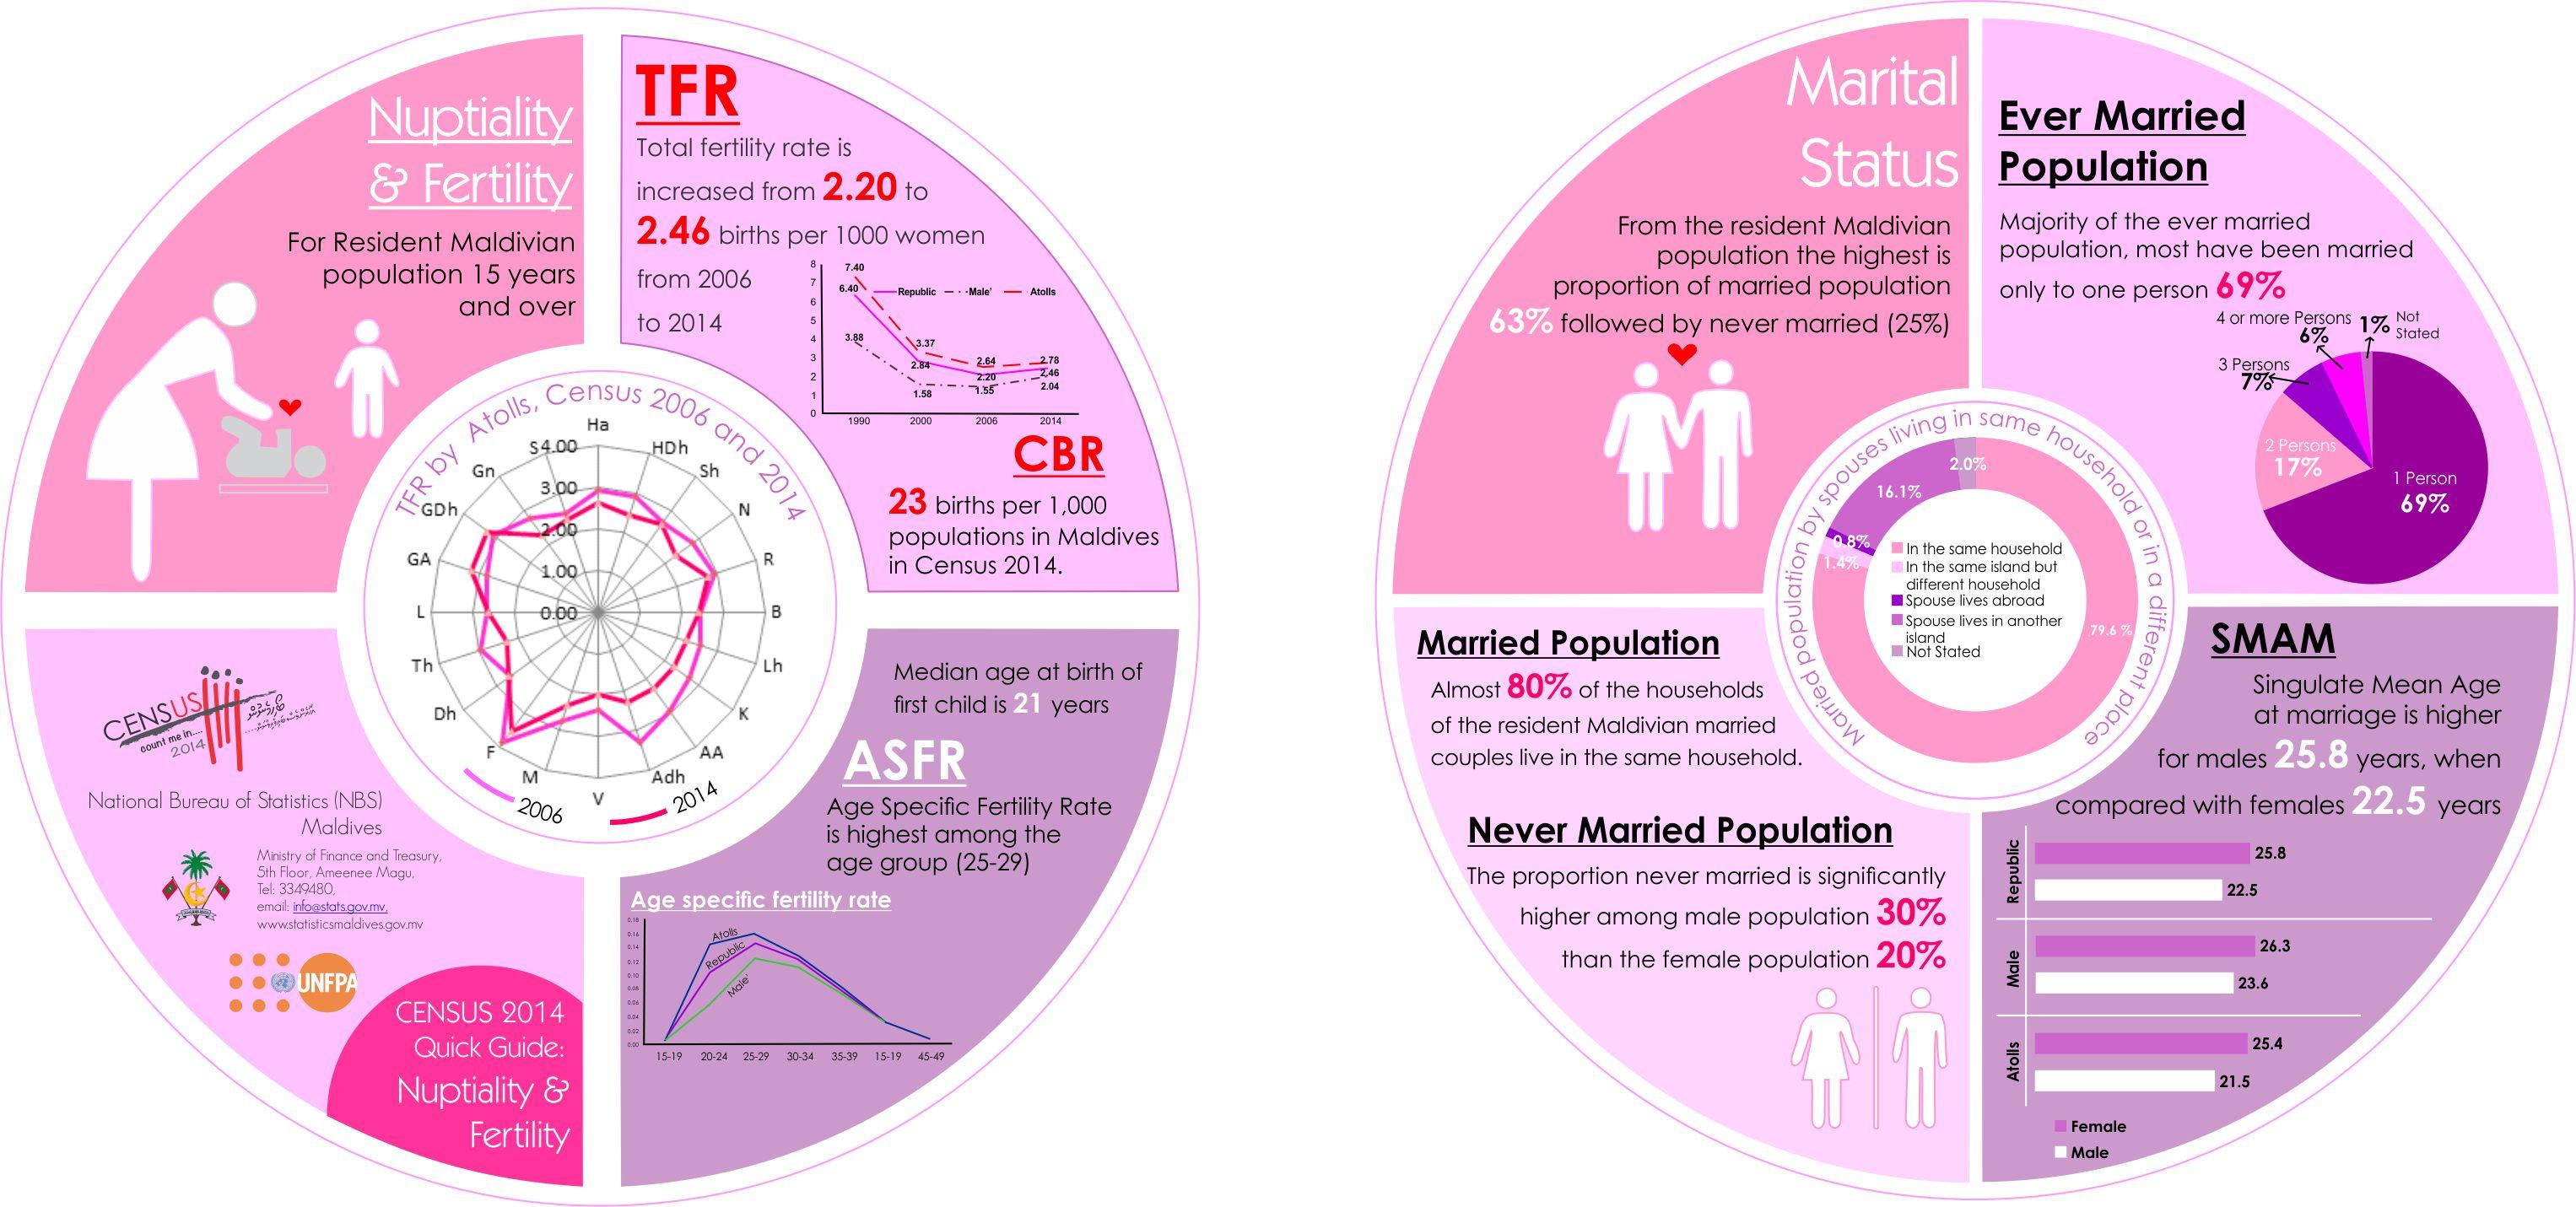 Nuptiality&Fertility-Leaflet1